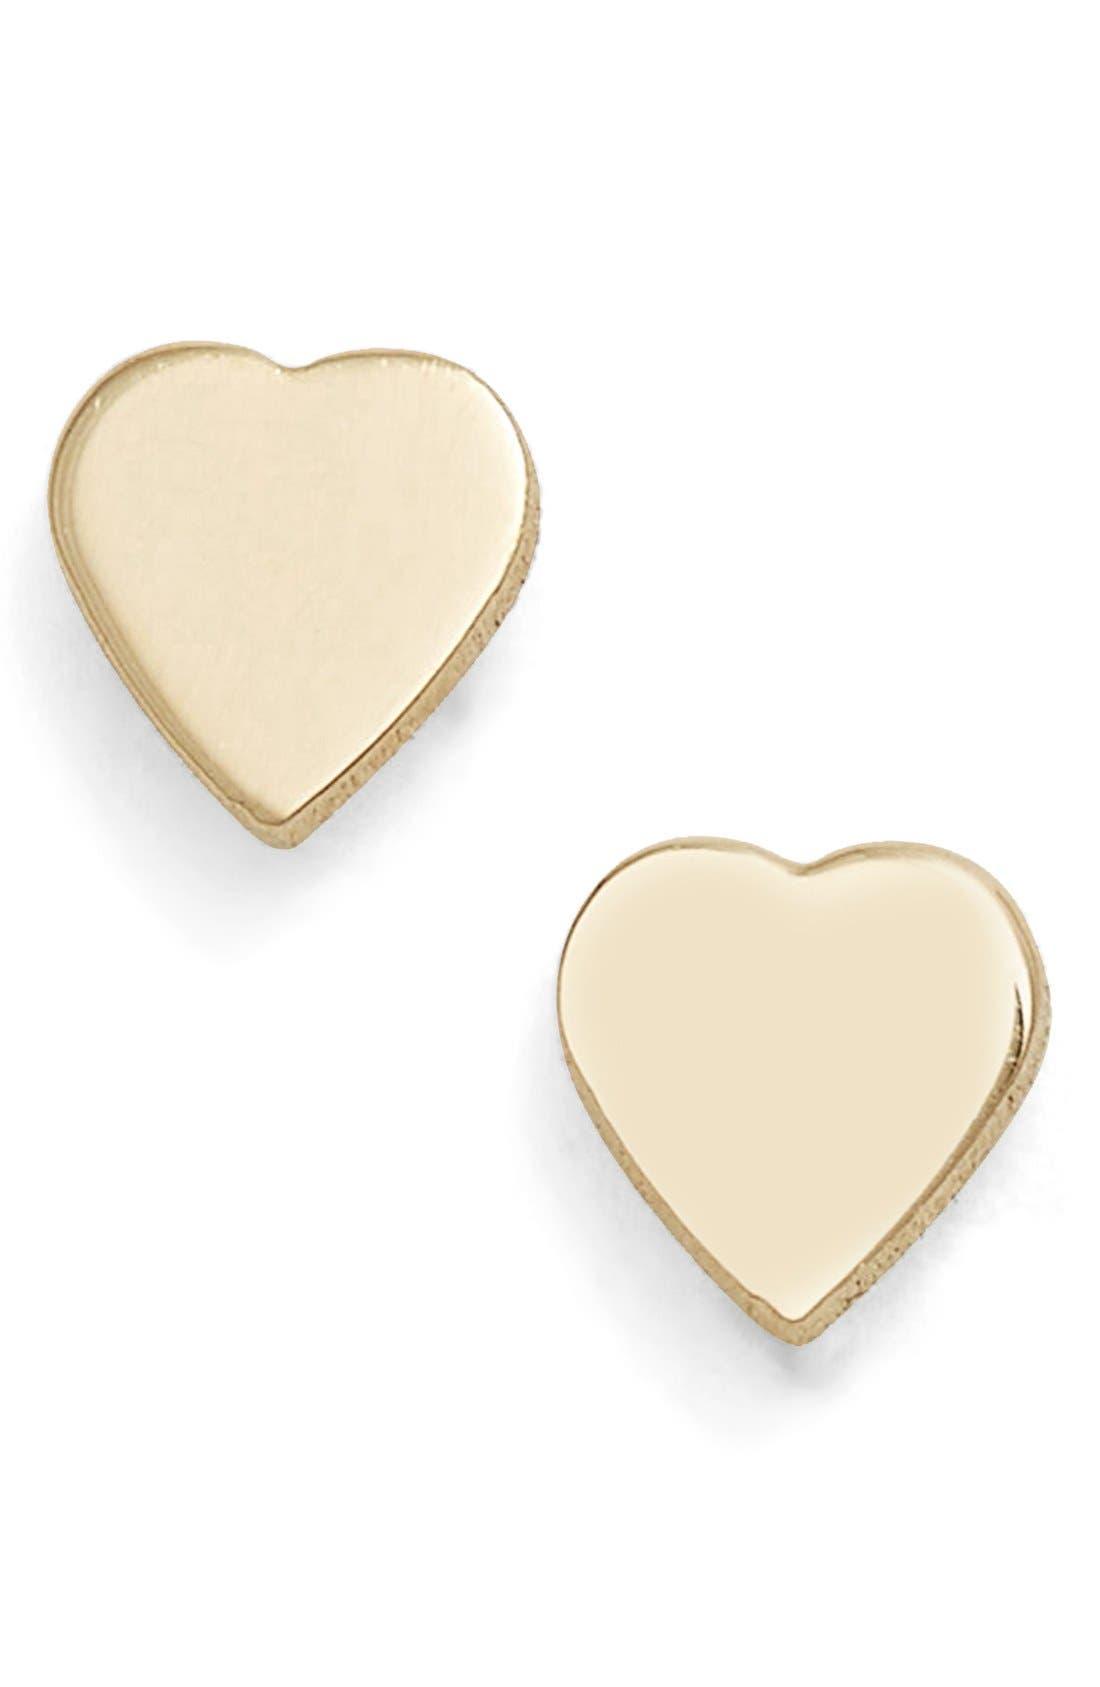 Main Image - Poppy Finch Mini Sweetheart Stud Earrings